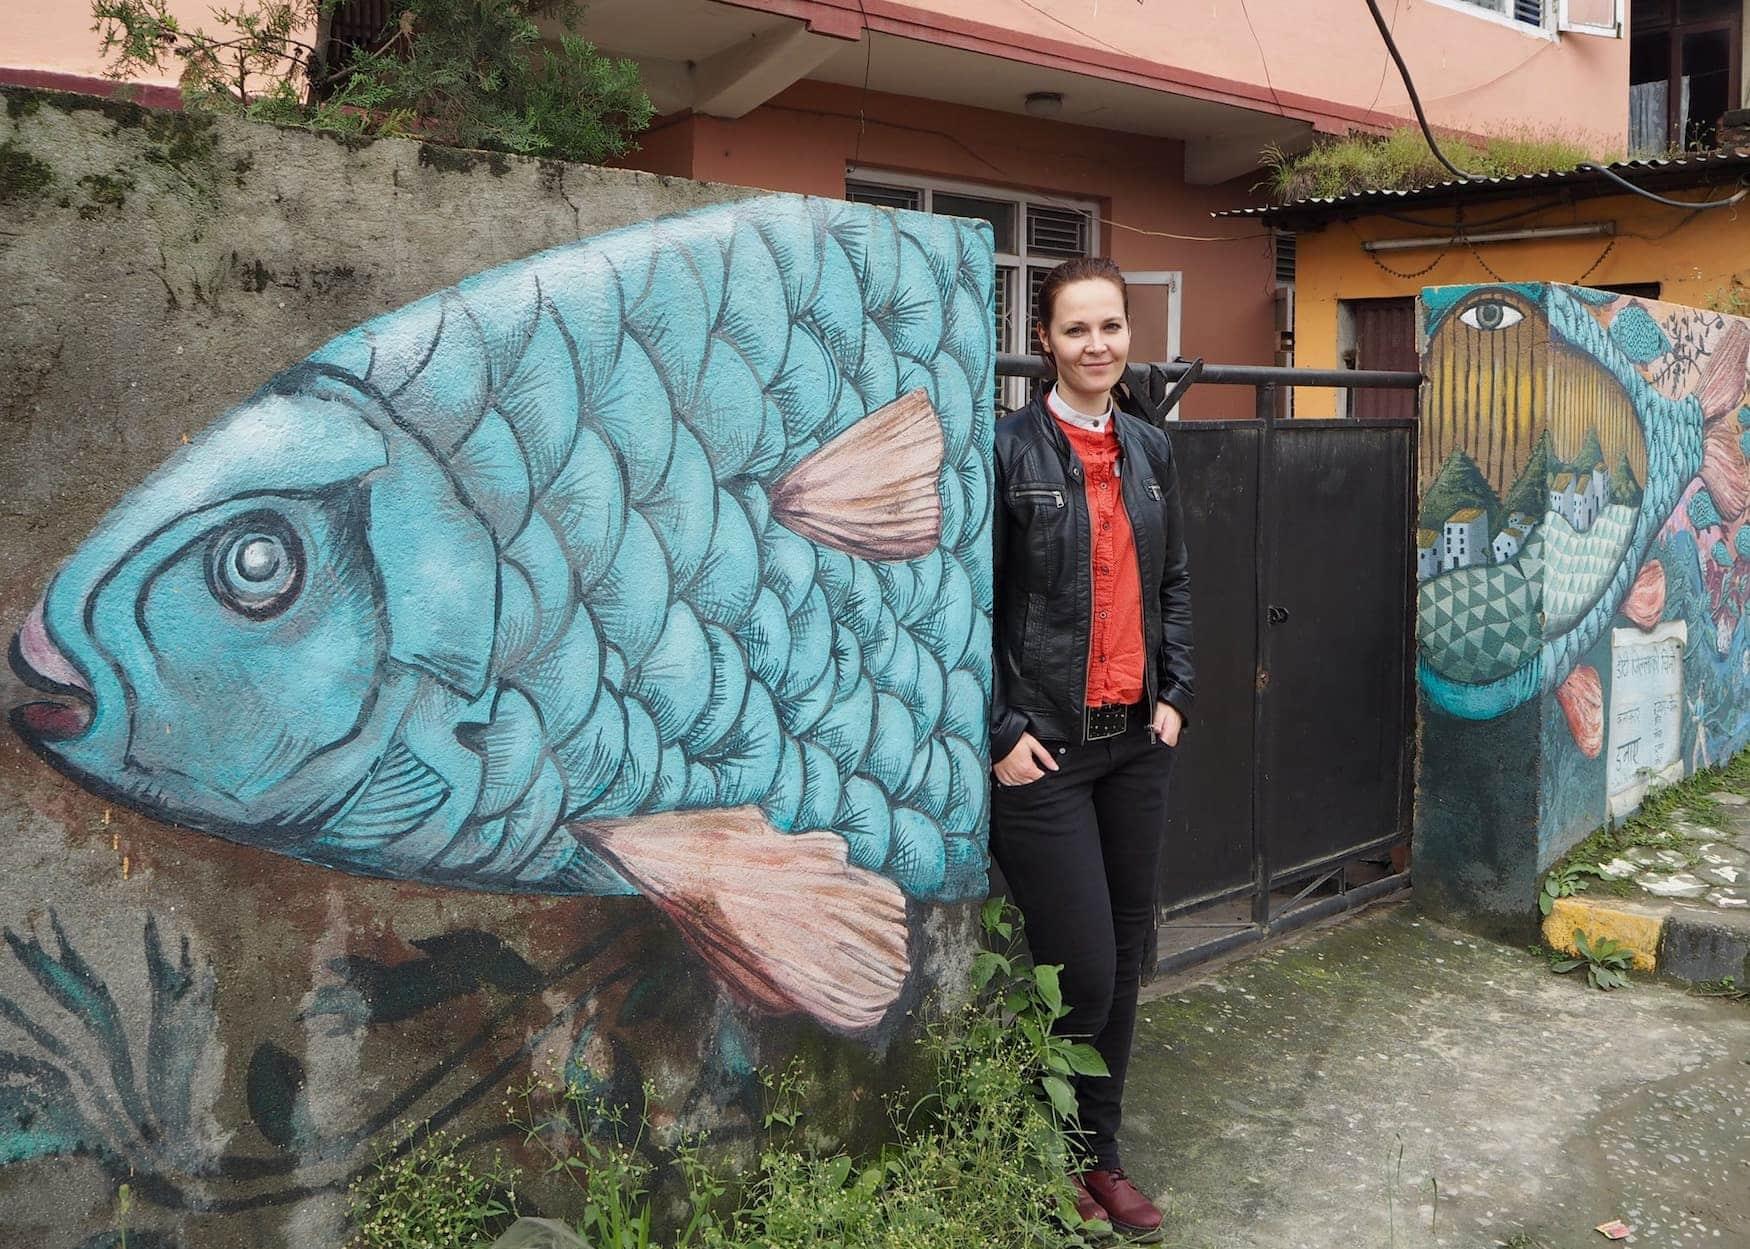 Kolumnistin Susanne vor Fisch-Grafitti in Nepal, Kathmandu